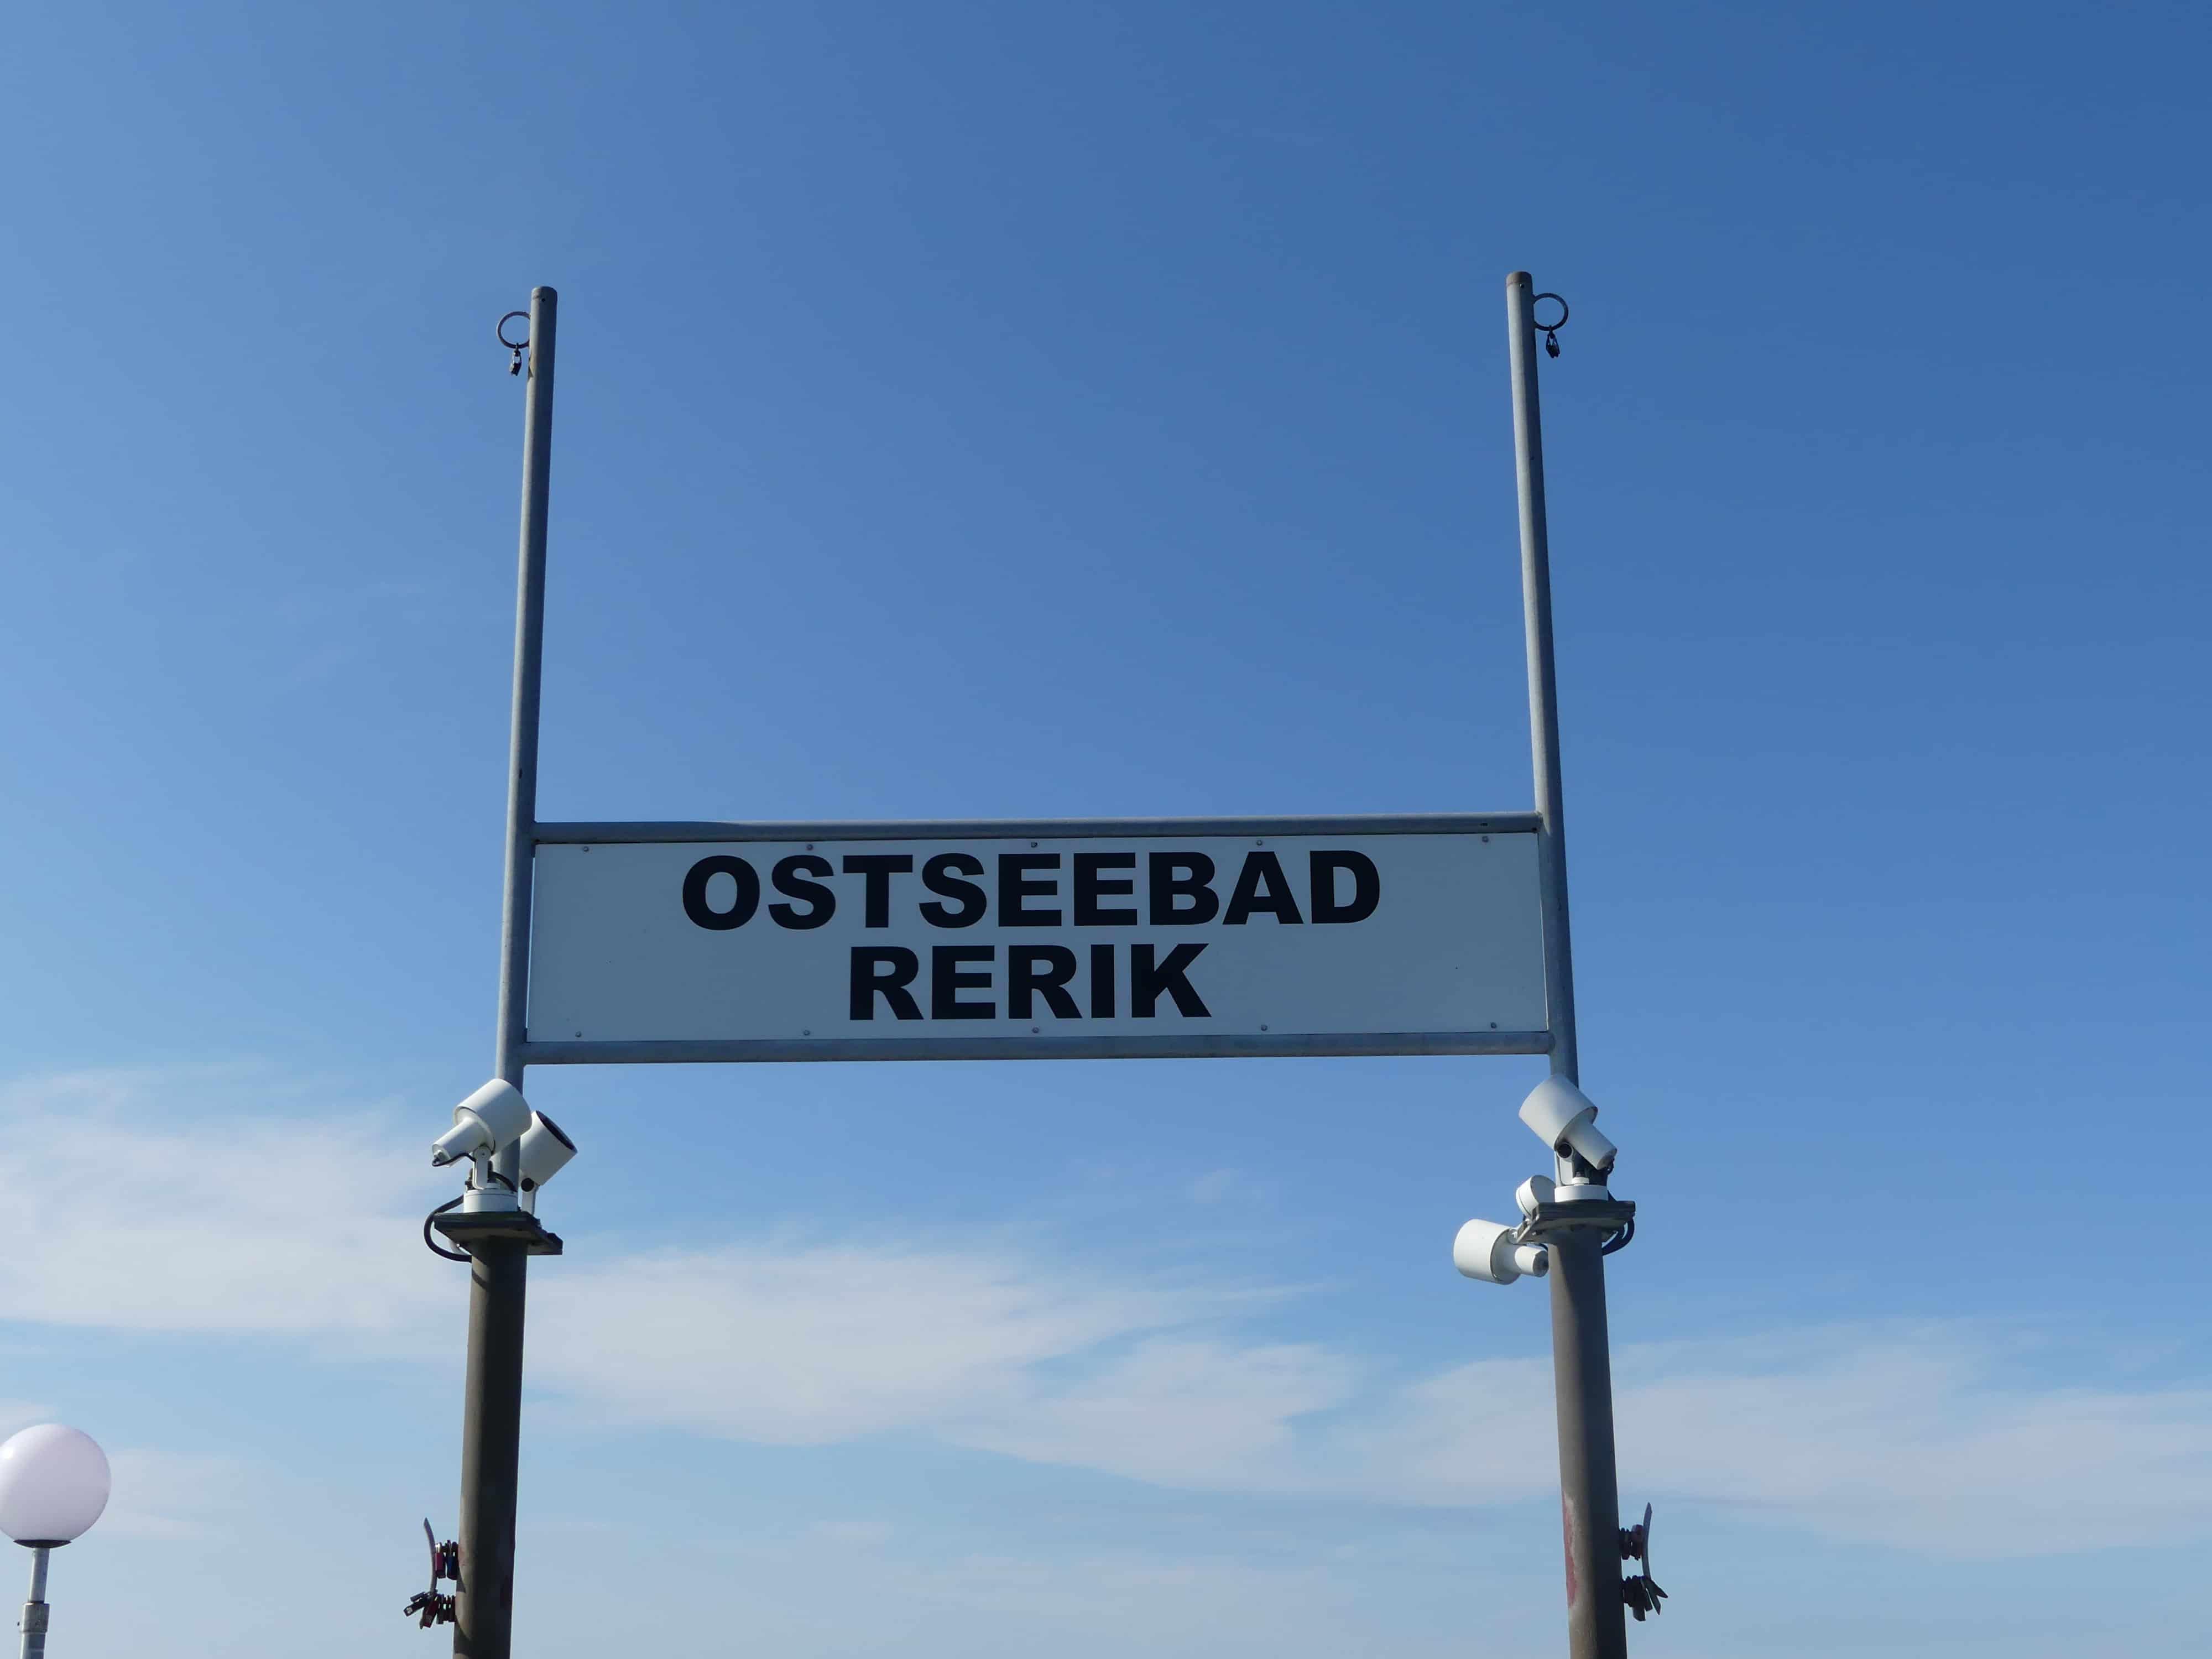 Ostseebad Rerik - Seebrücke